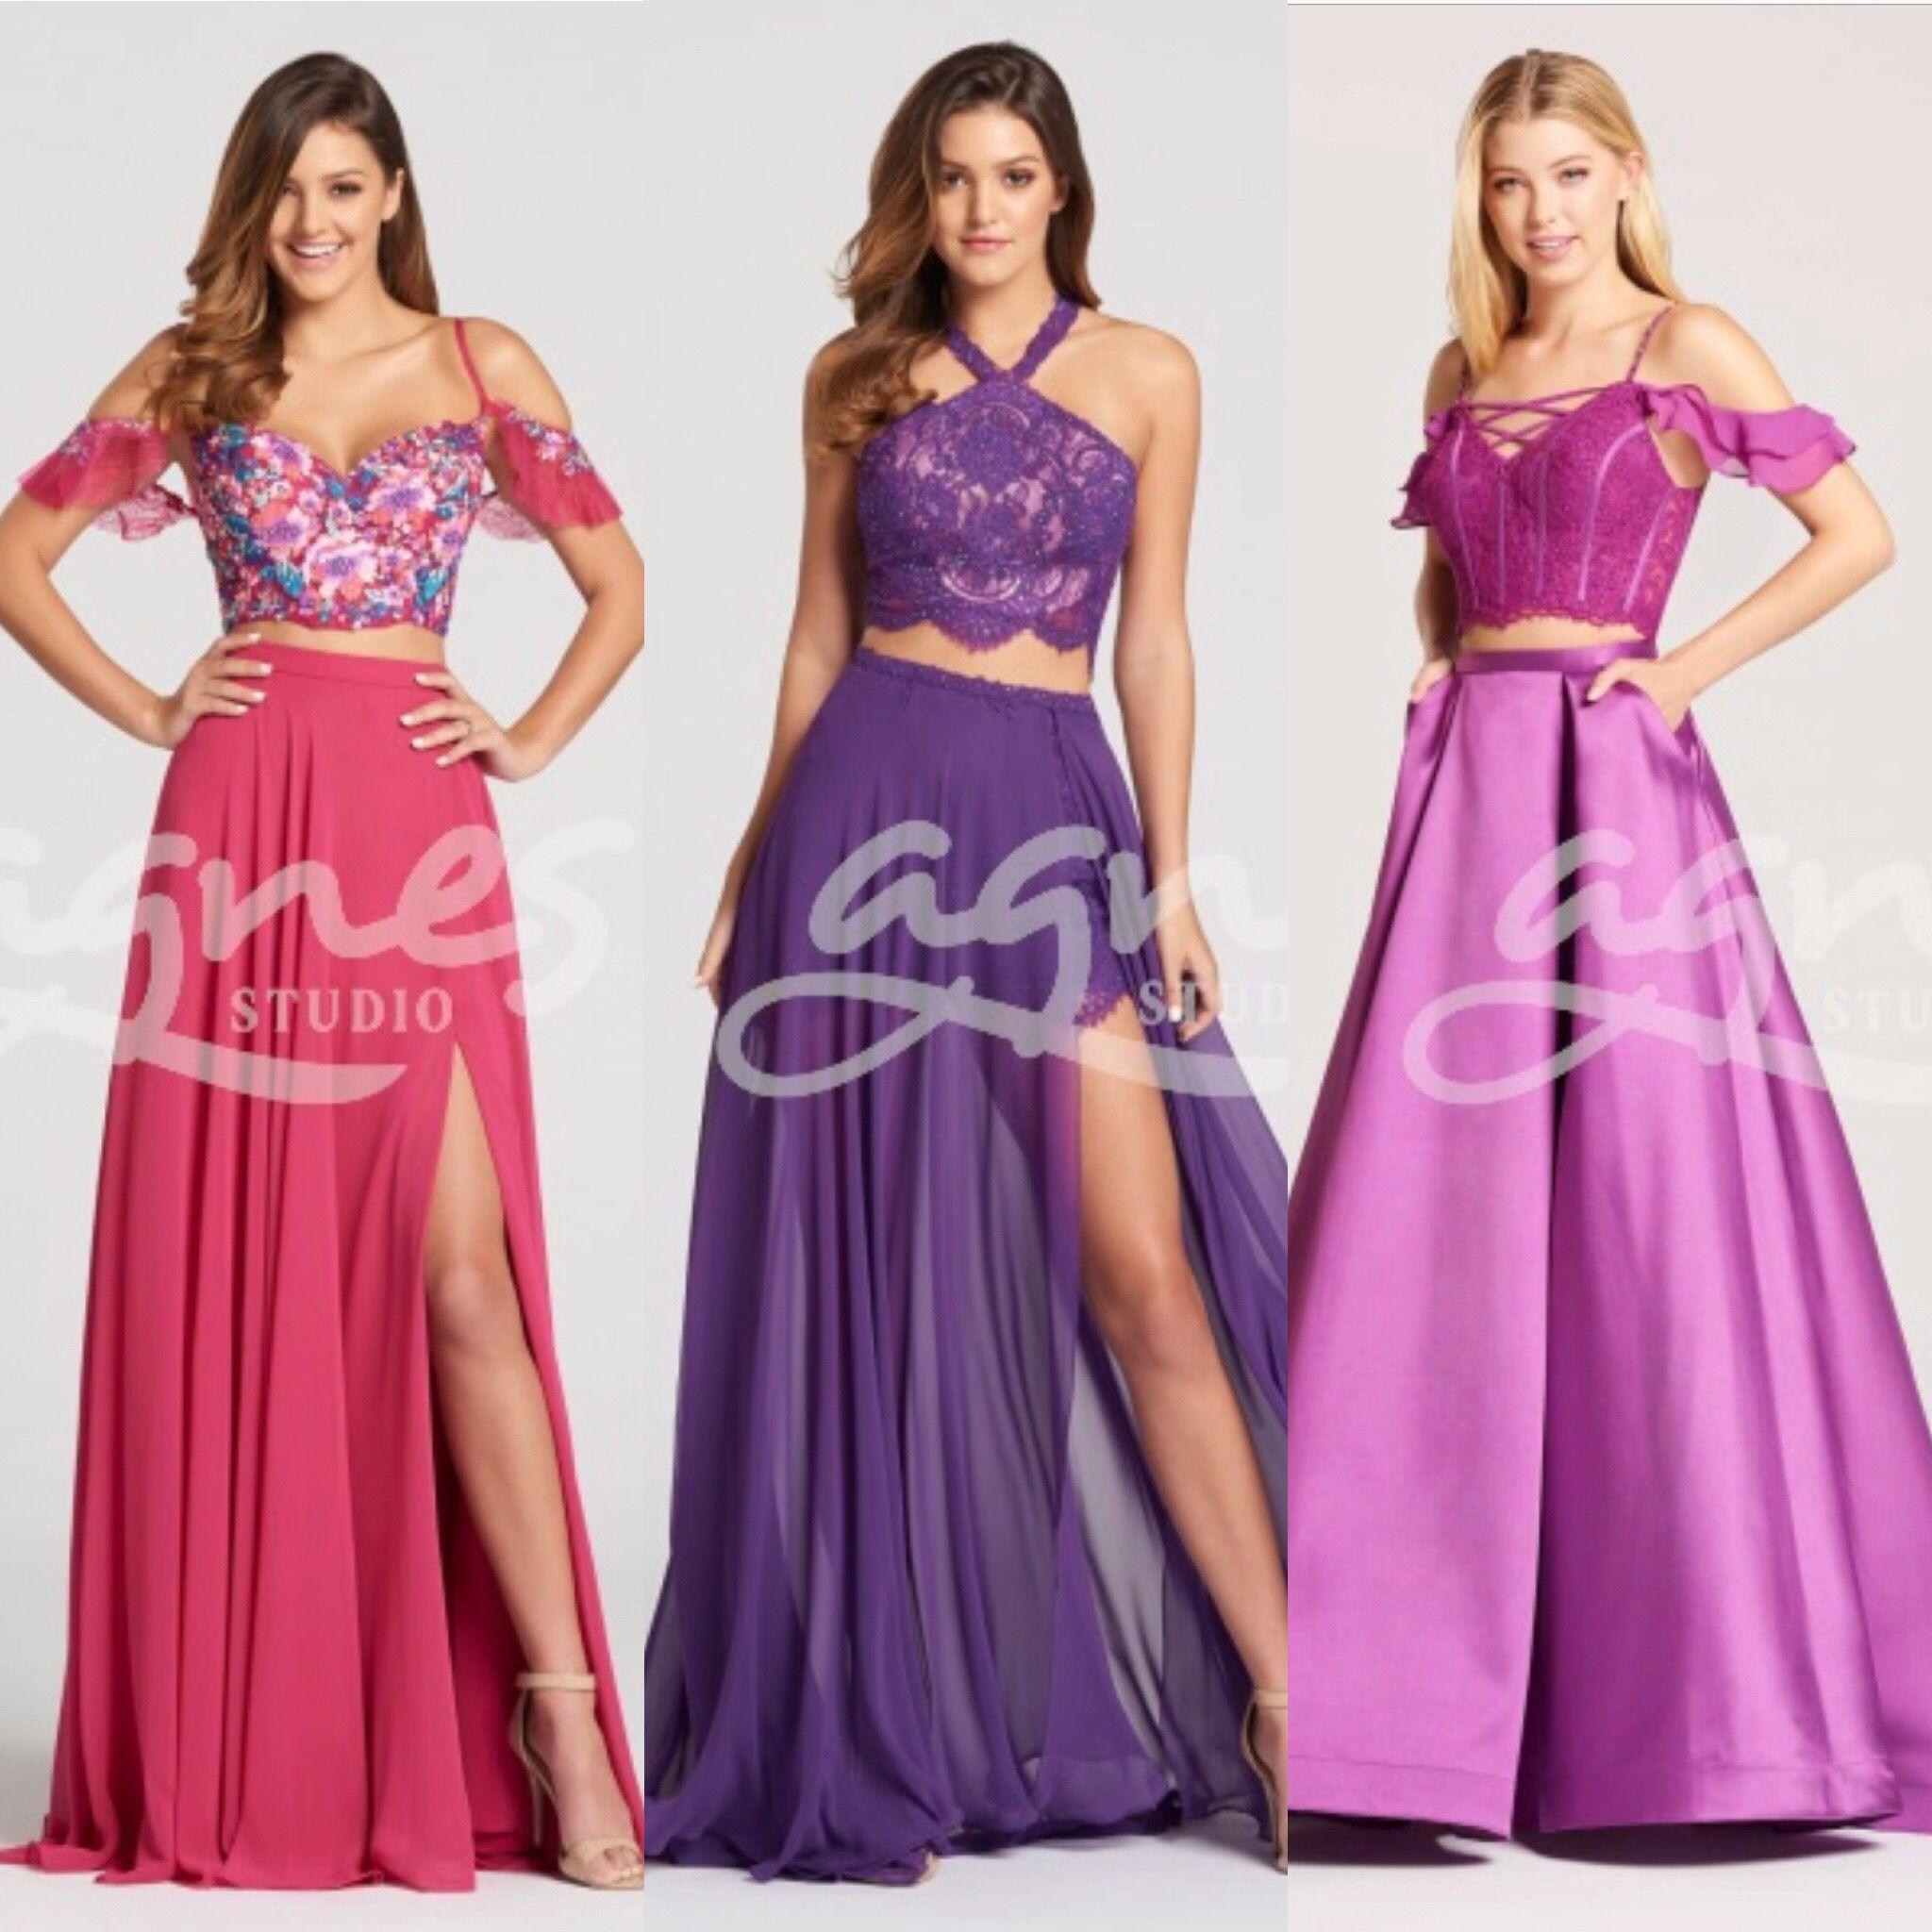 c7870d9ba95 Různé druhy dvoudílných společenských šatů